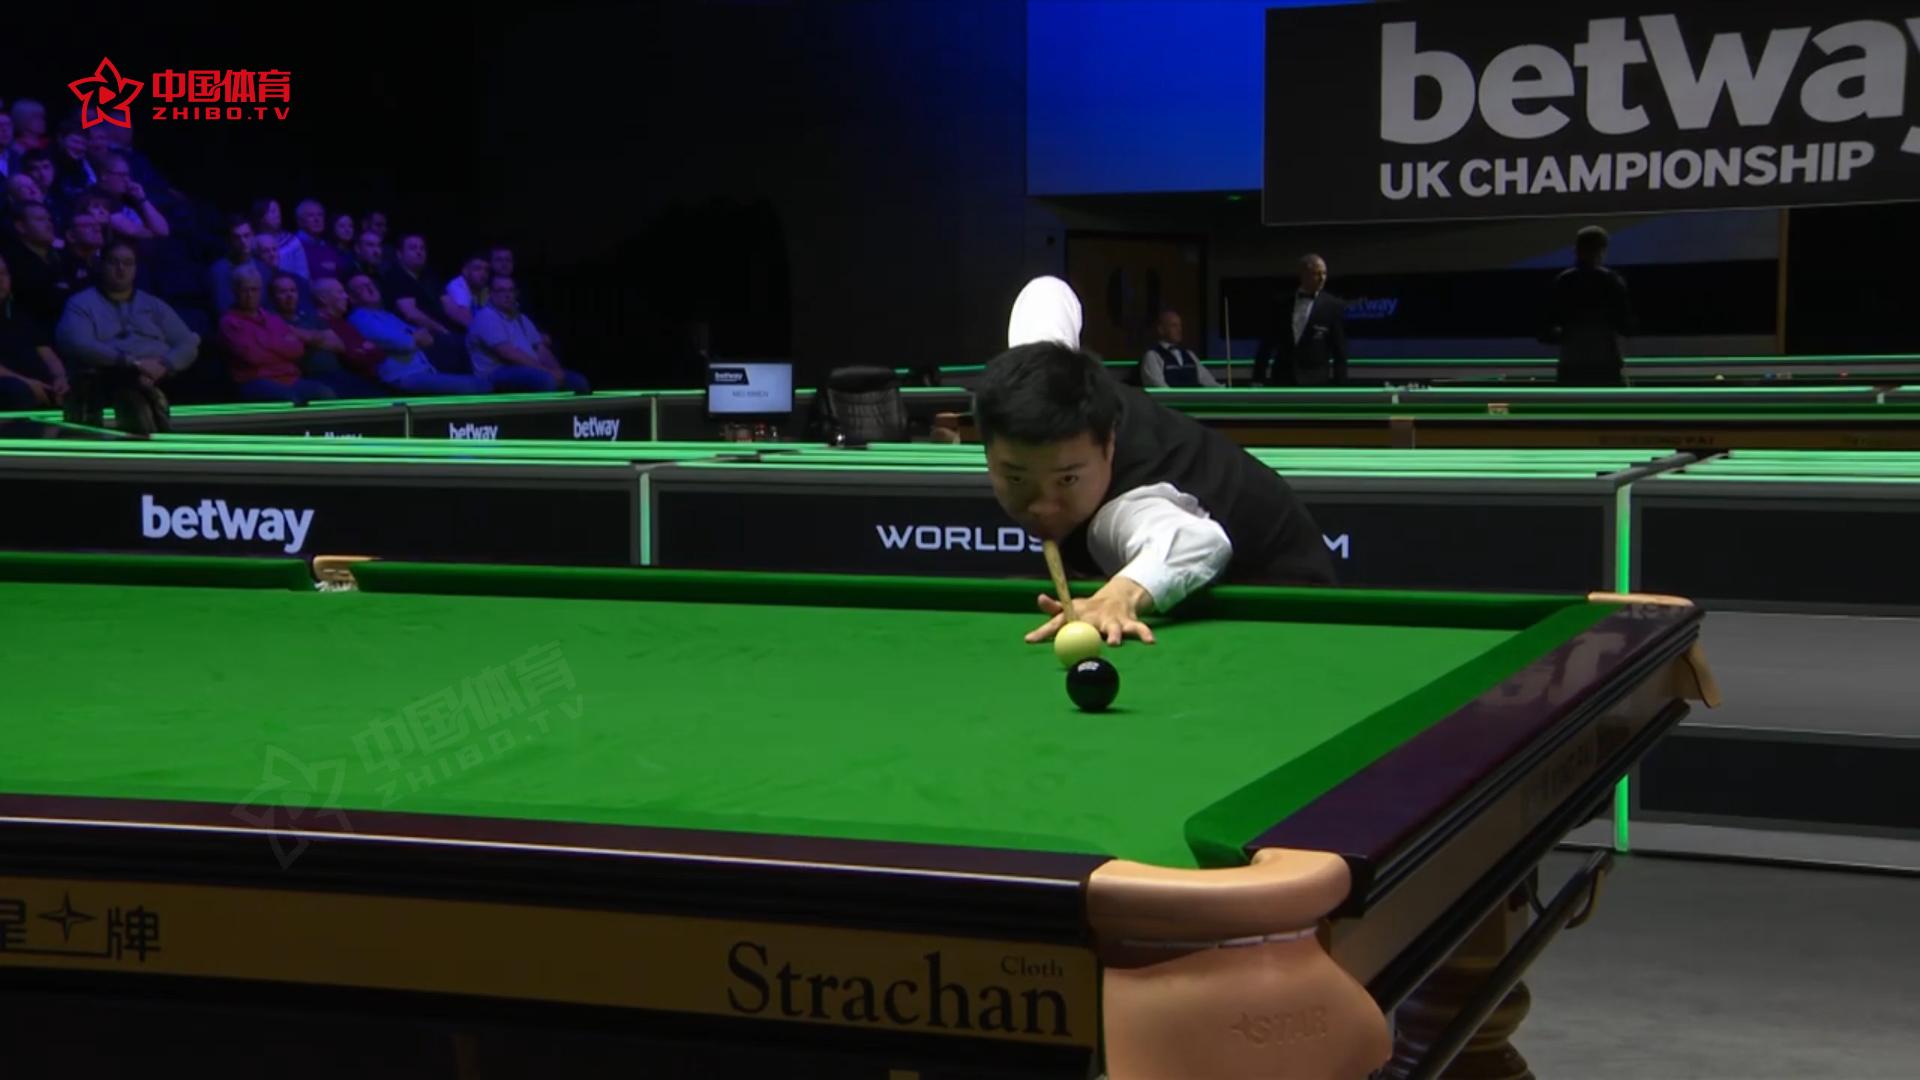 英锦赛次轮第二日比赛高光时刻:丁俊晖、希金斯强势晋级 威廉姆斯爆冷不敌小将  | 2019英锦赛